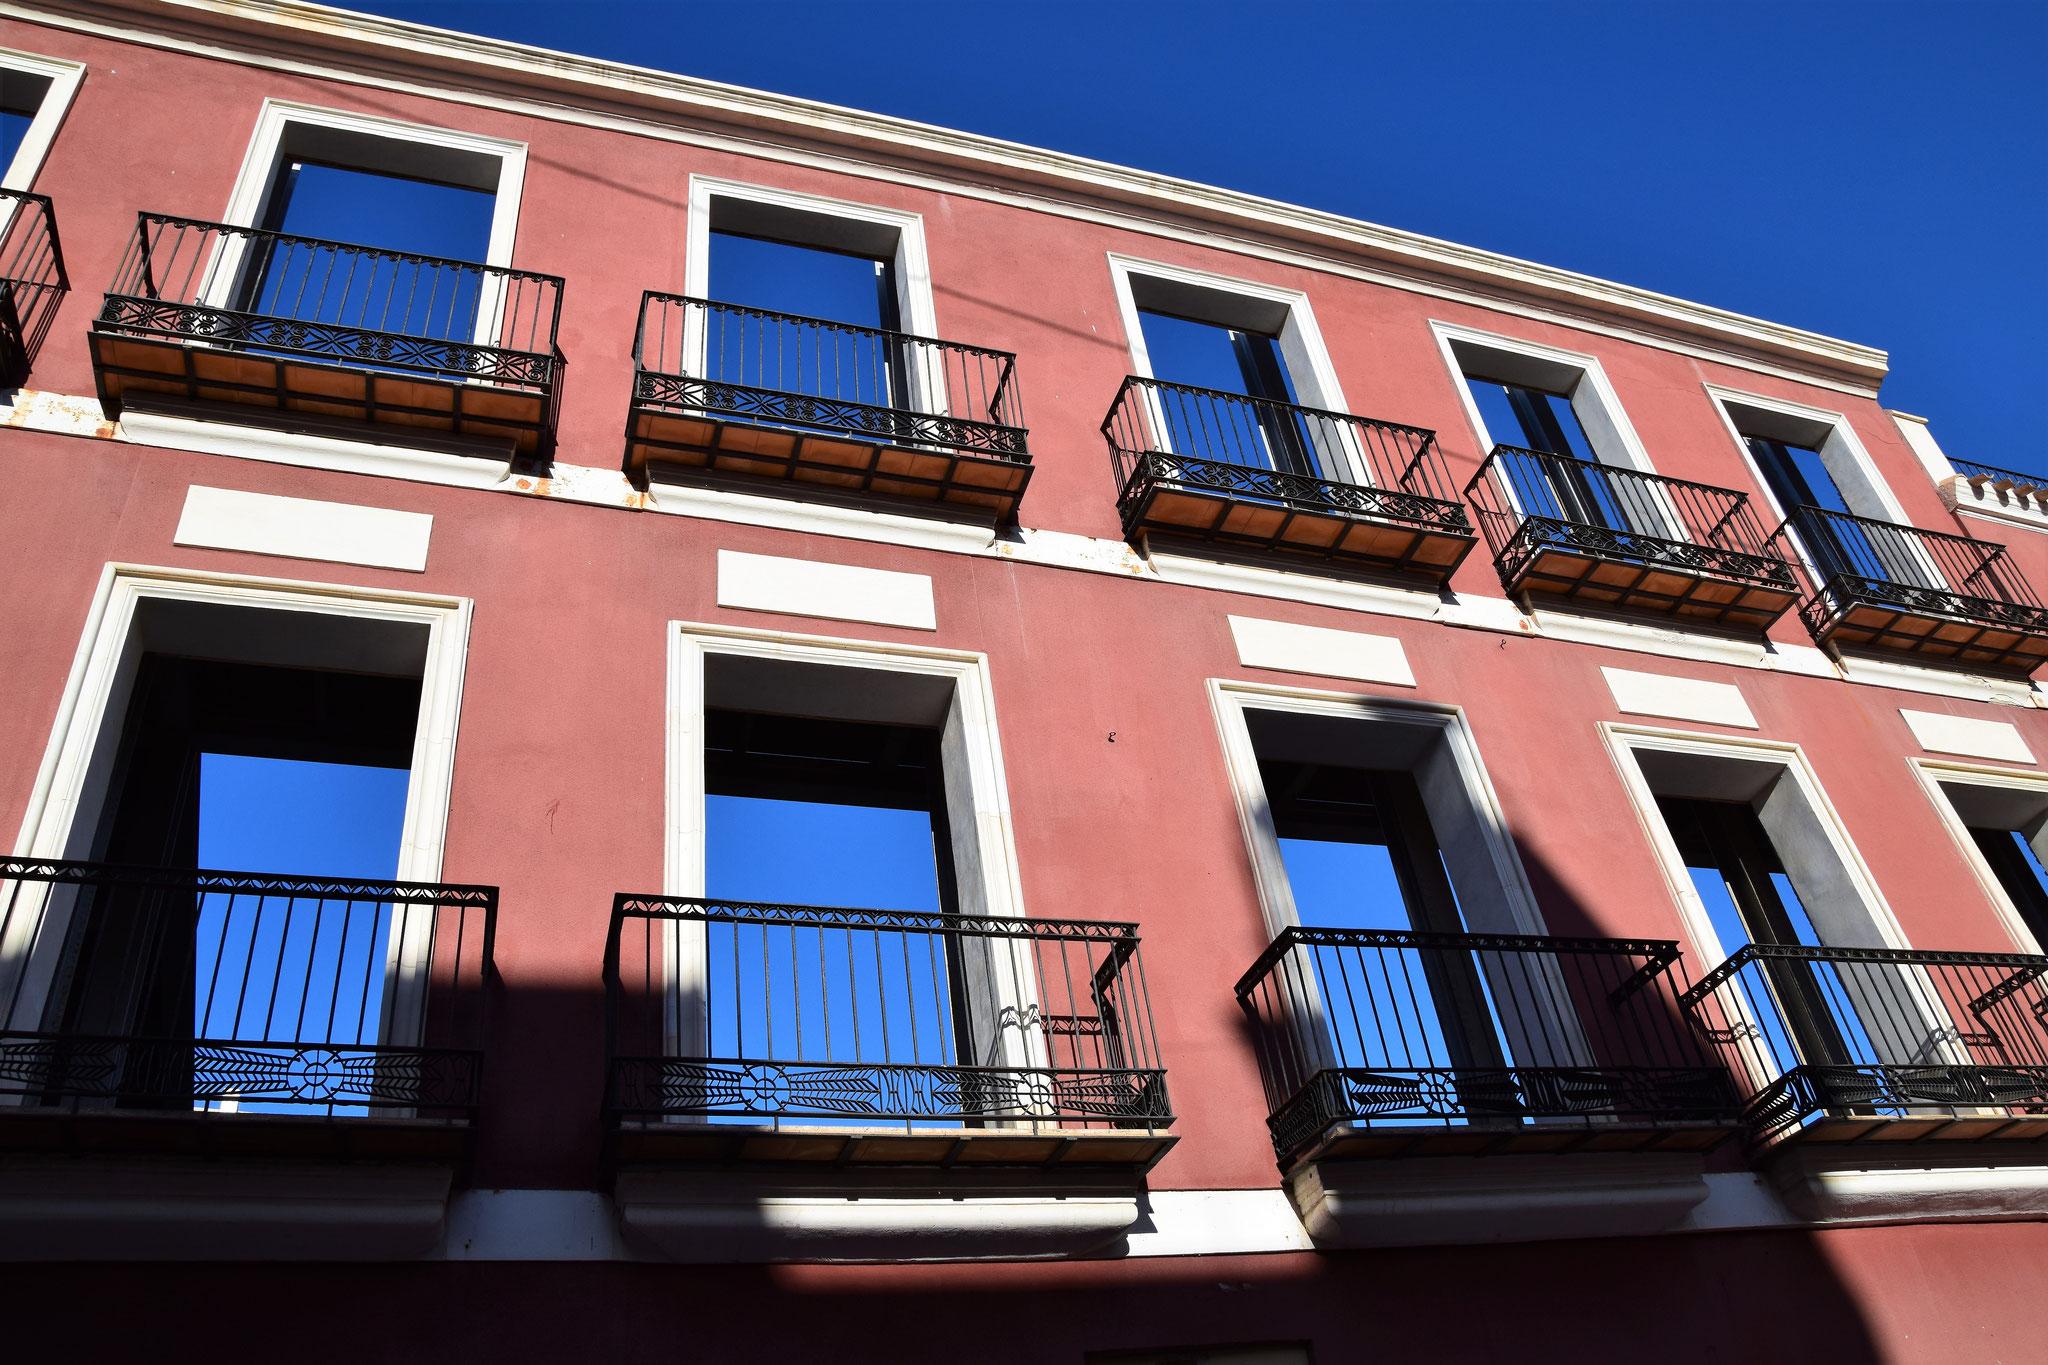 ...wie auch hier und des öfteren in Cartagena zu sehen